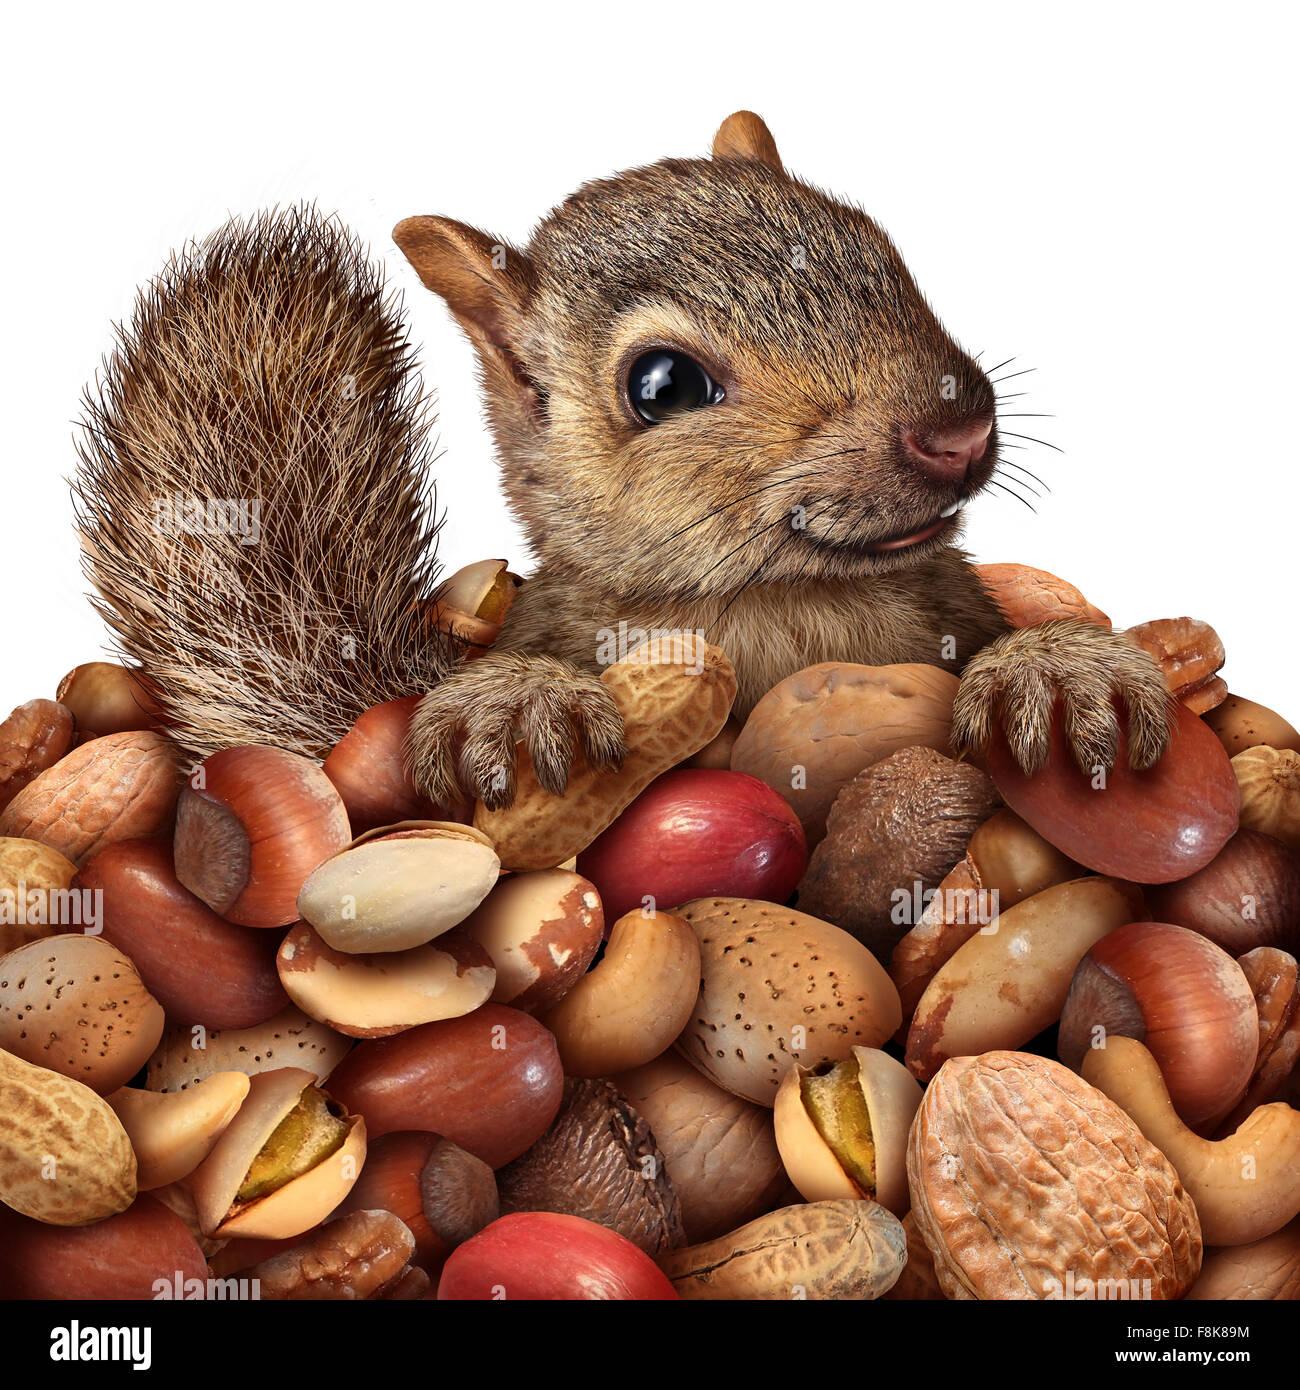 Wohlstand und Einsparungen Geschäftskonzept als Eichhörnchen halten eine Gruppe Erdnüsse und verschiedene Stockbild